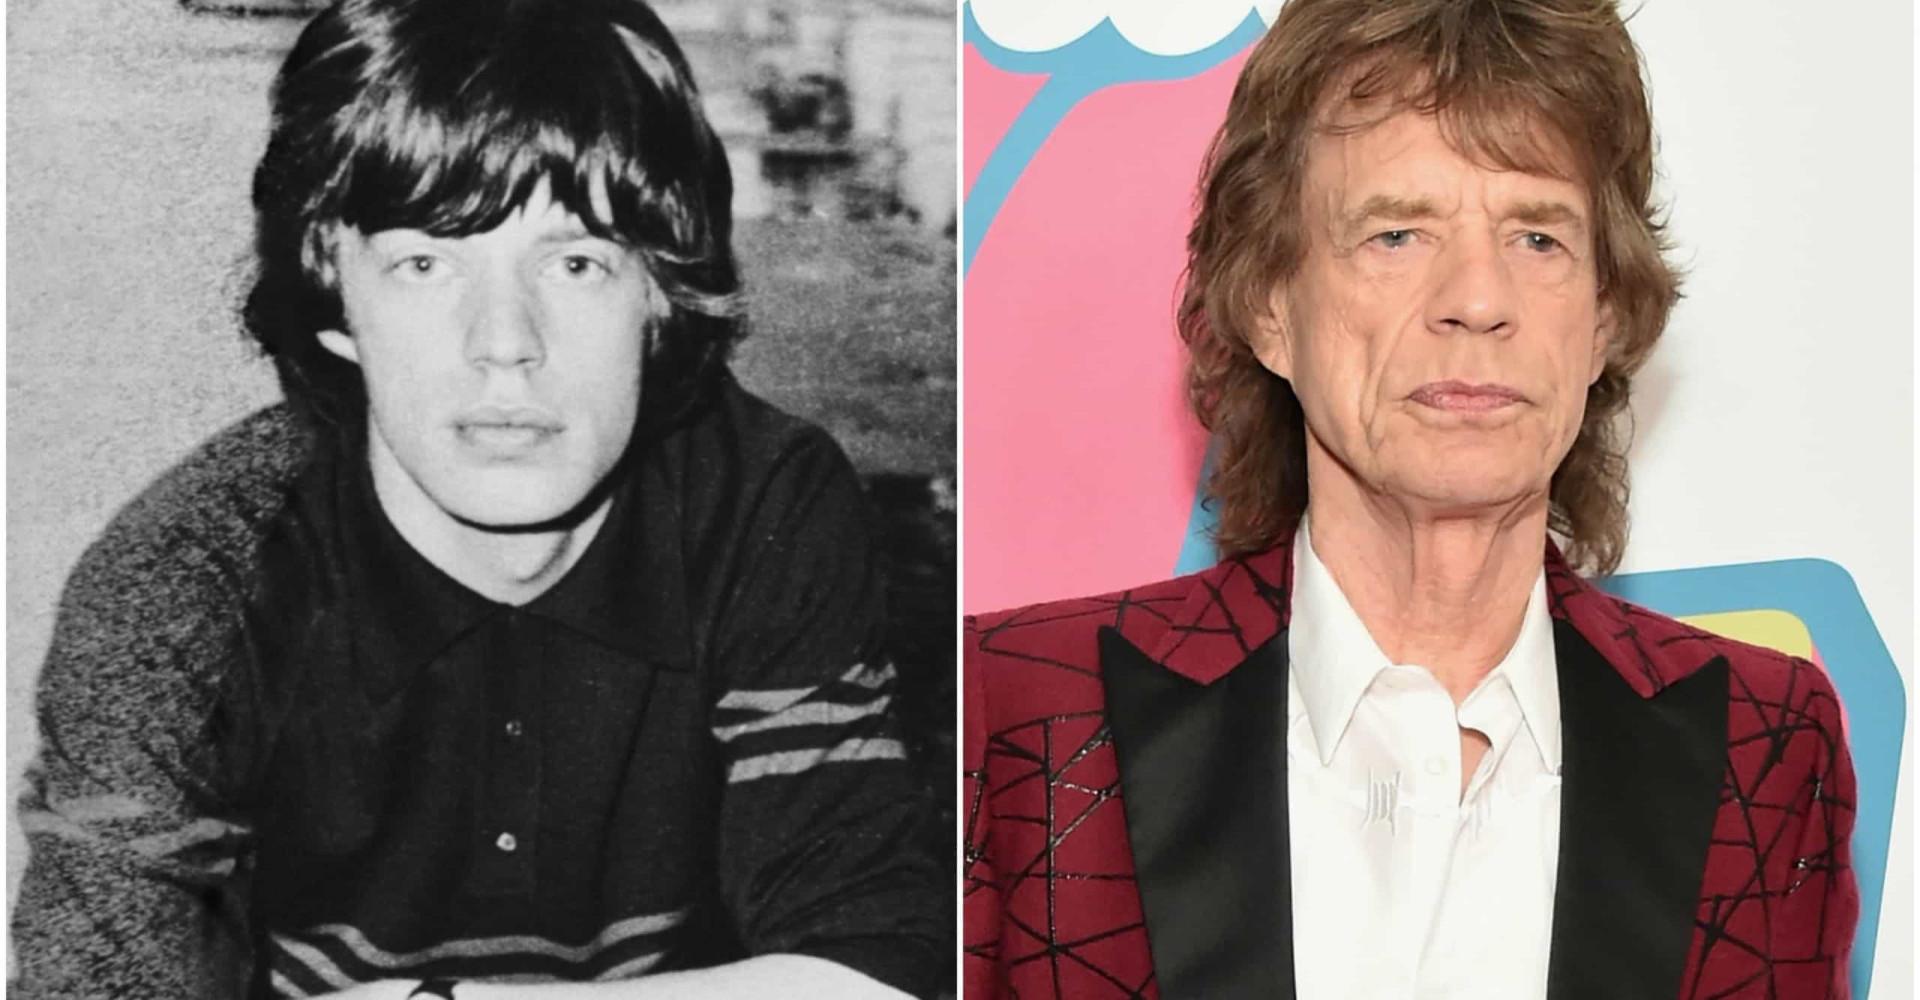 Rock of ages: De största rockstjärnorna genom tiderna, då och nu